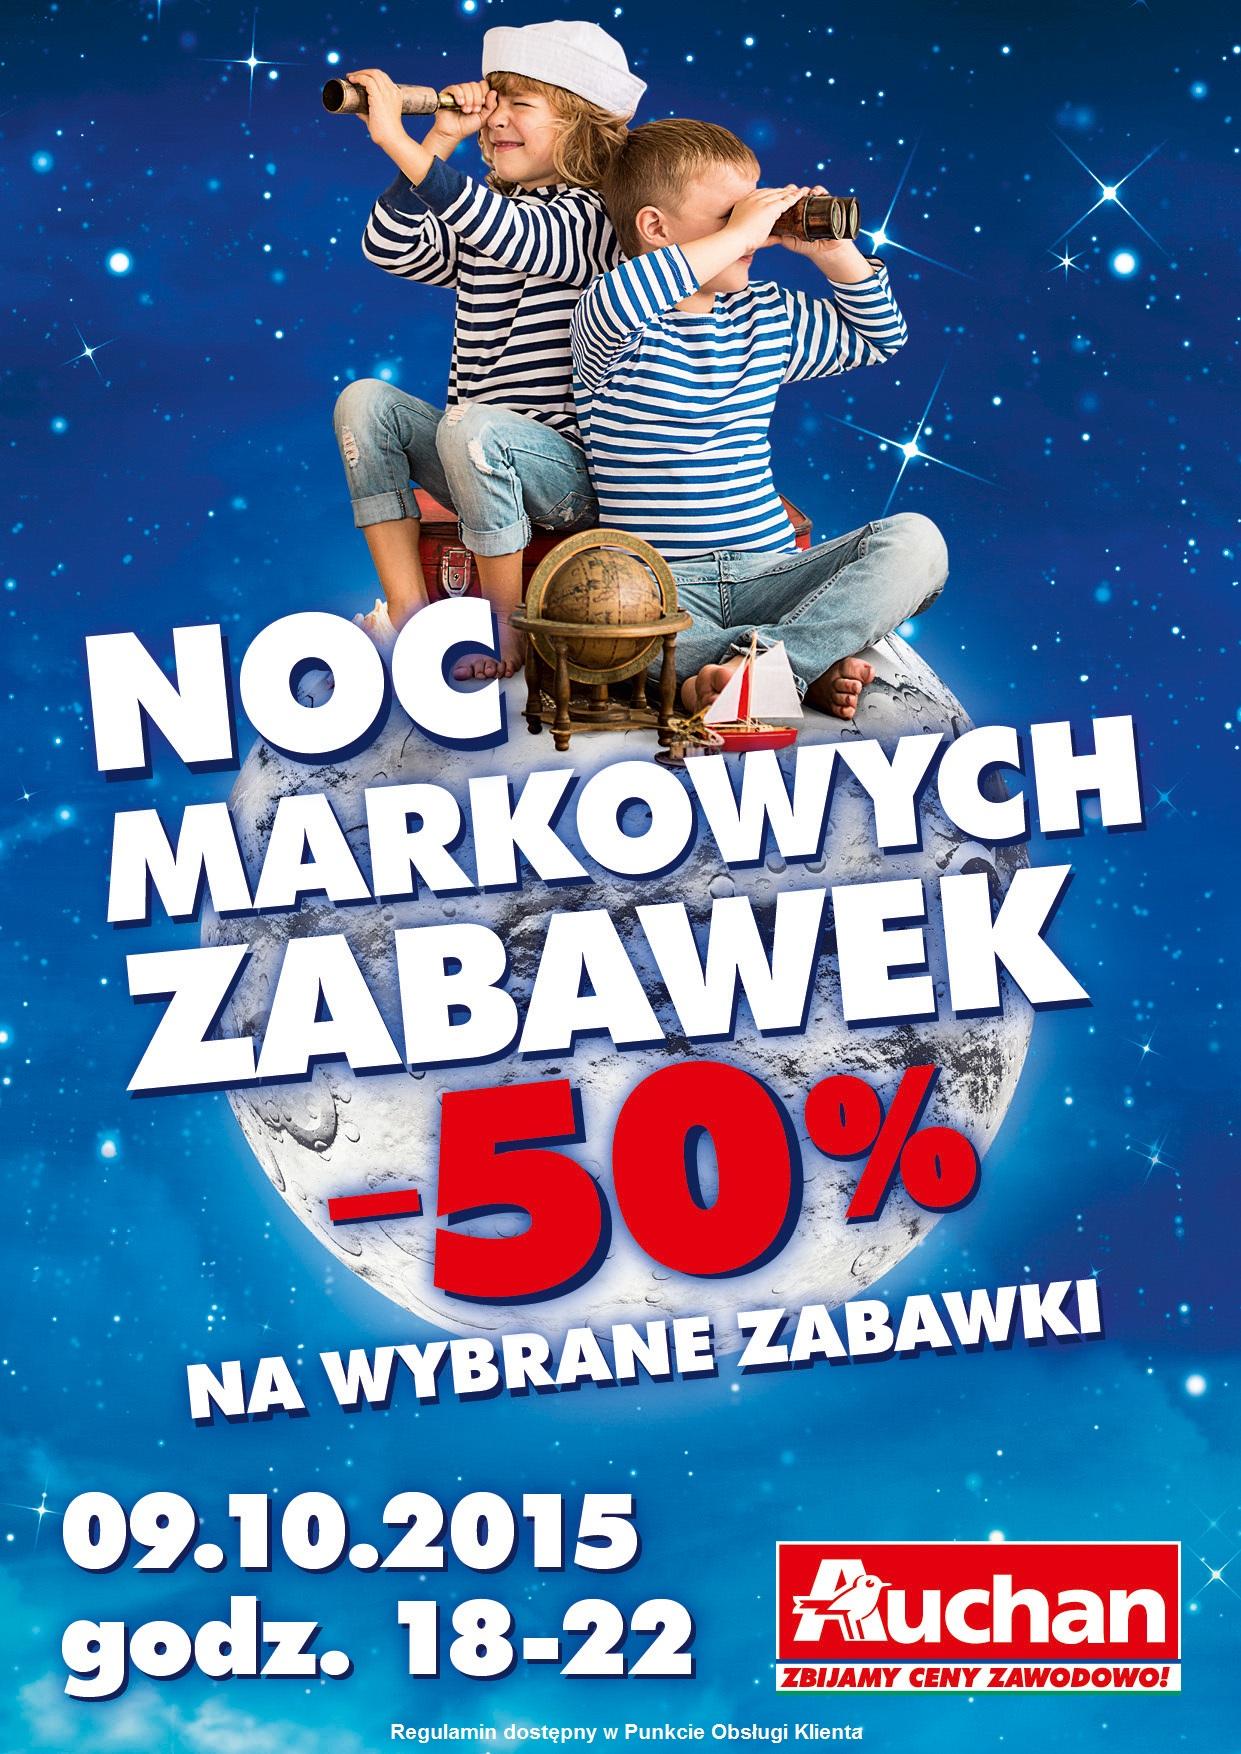 Nocna wyprzedaż markowych zabawek z rabatami -50% (9 październik) @ Auchan